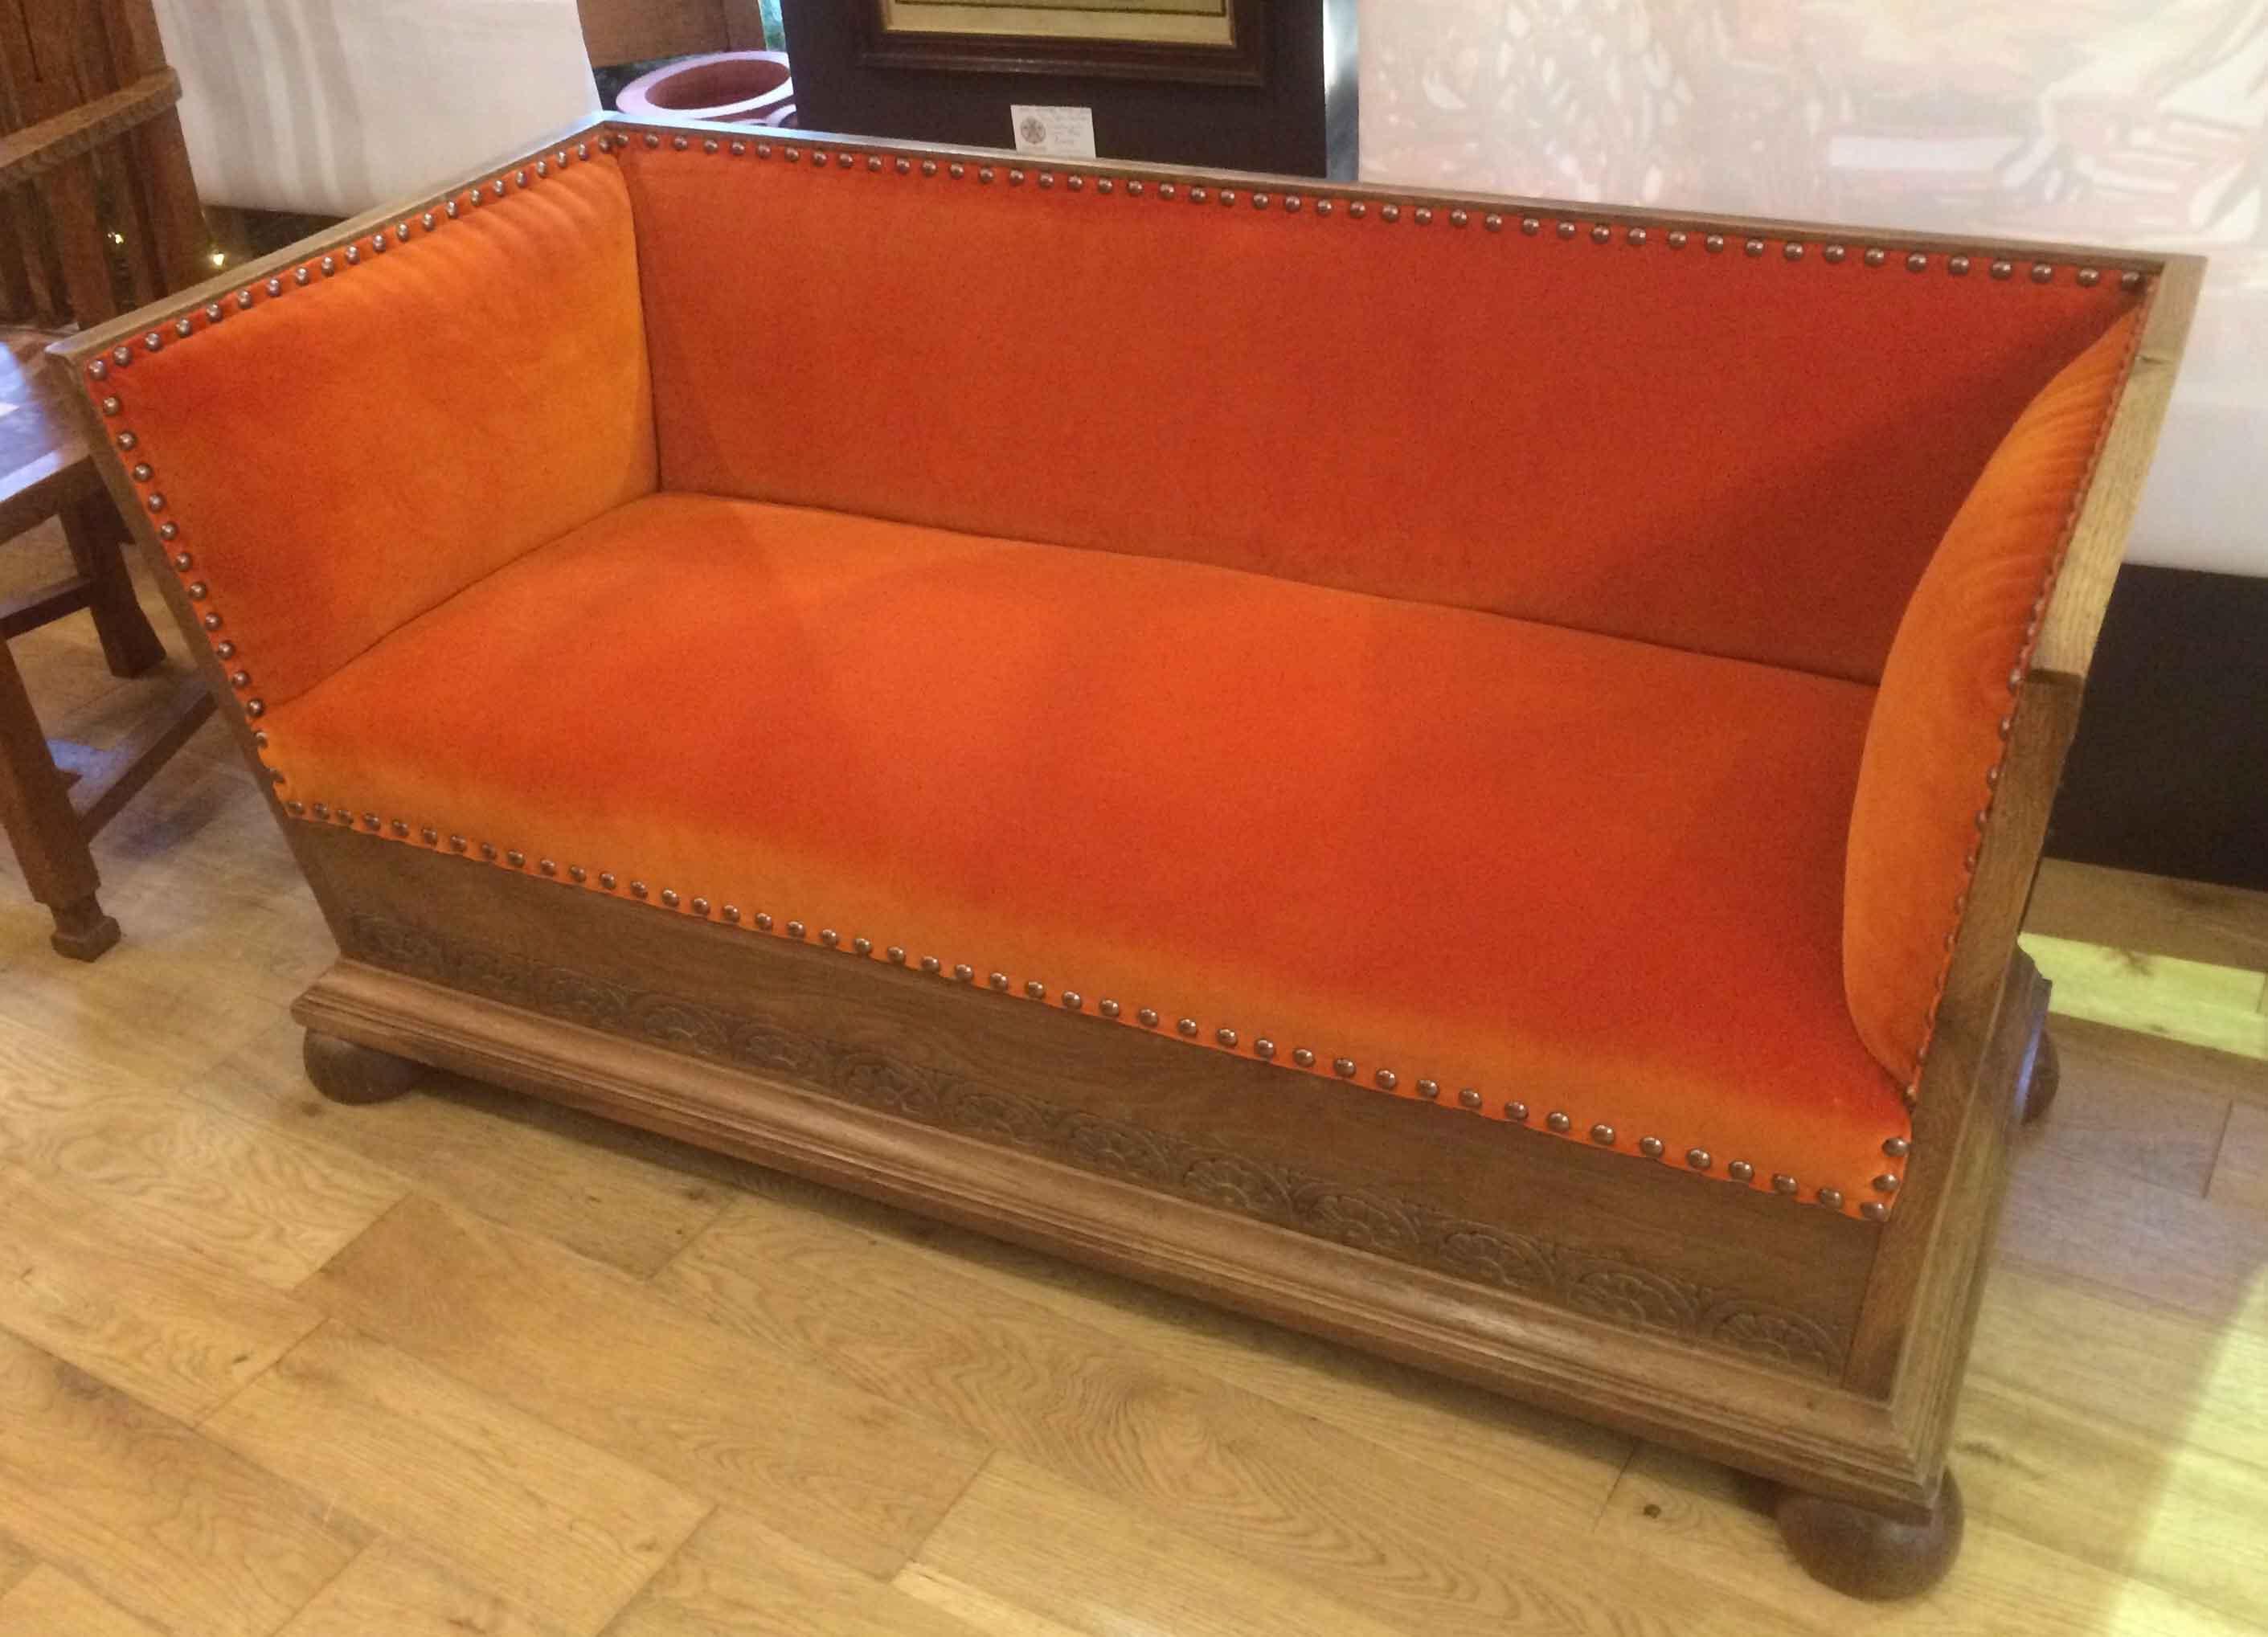 Arts and crafts oak settle upholstered in orange velvet